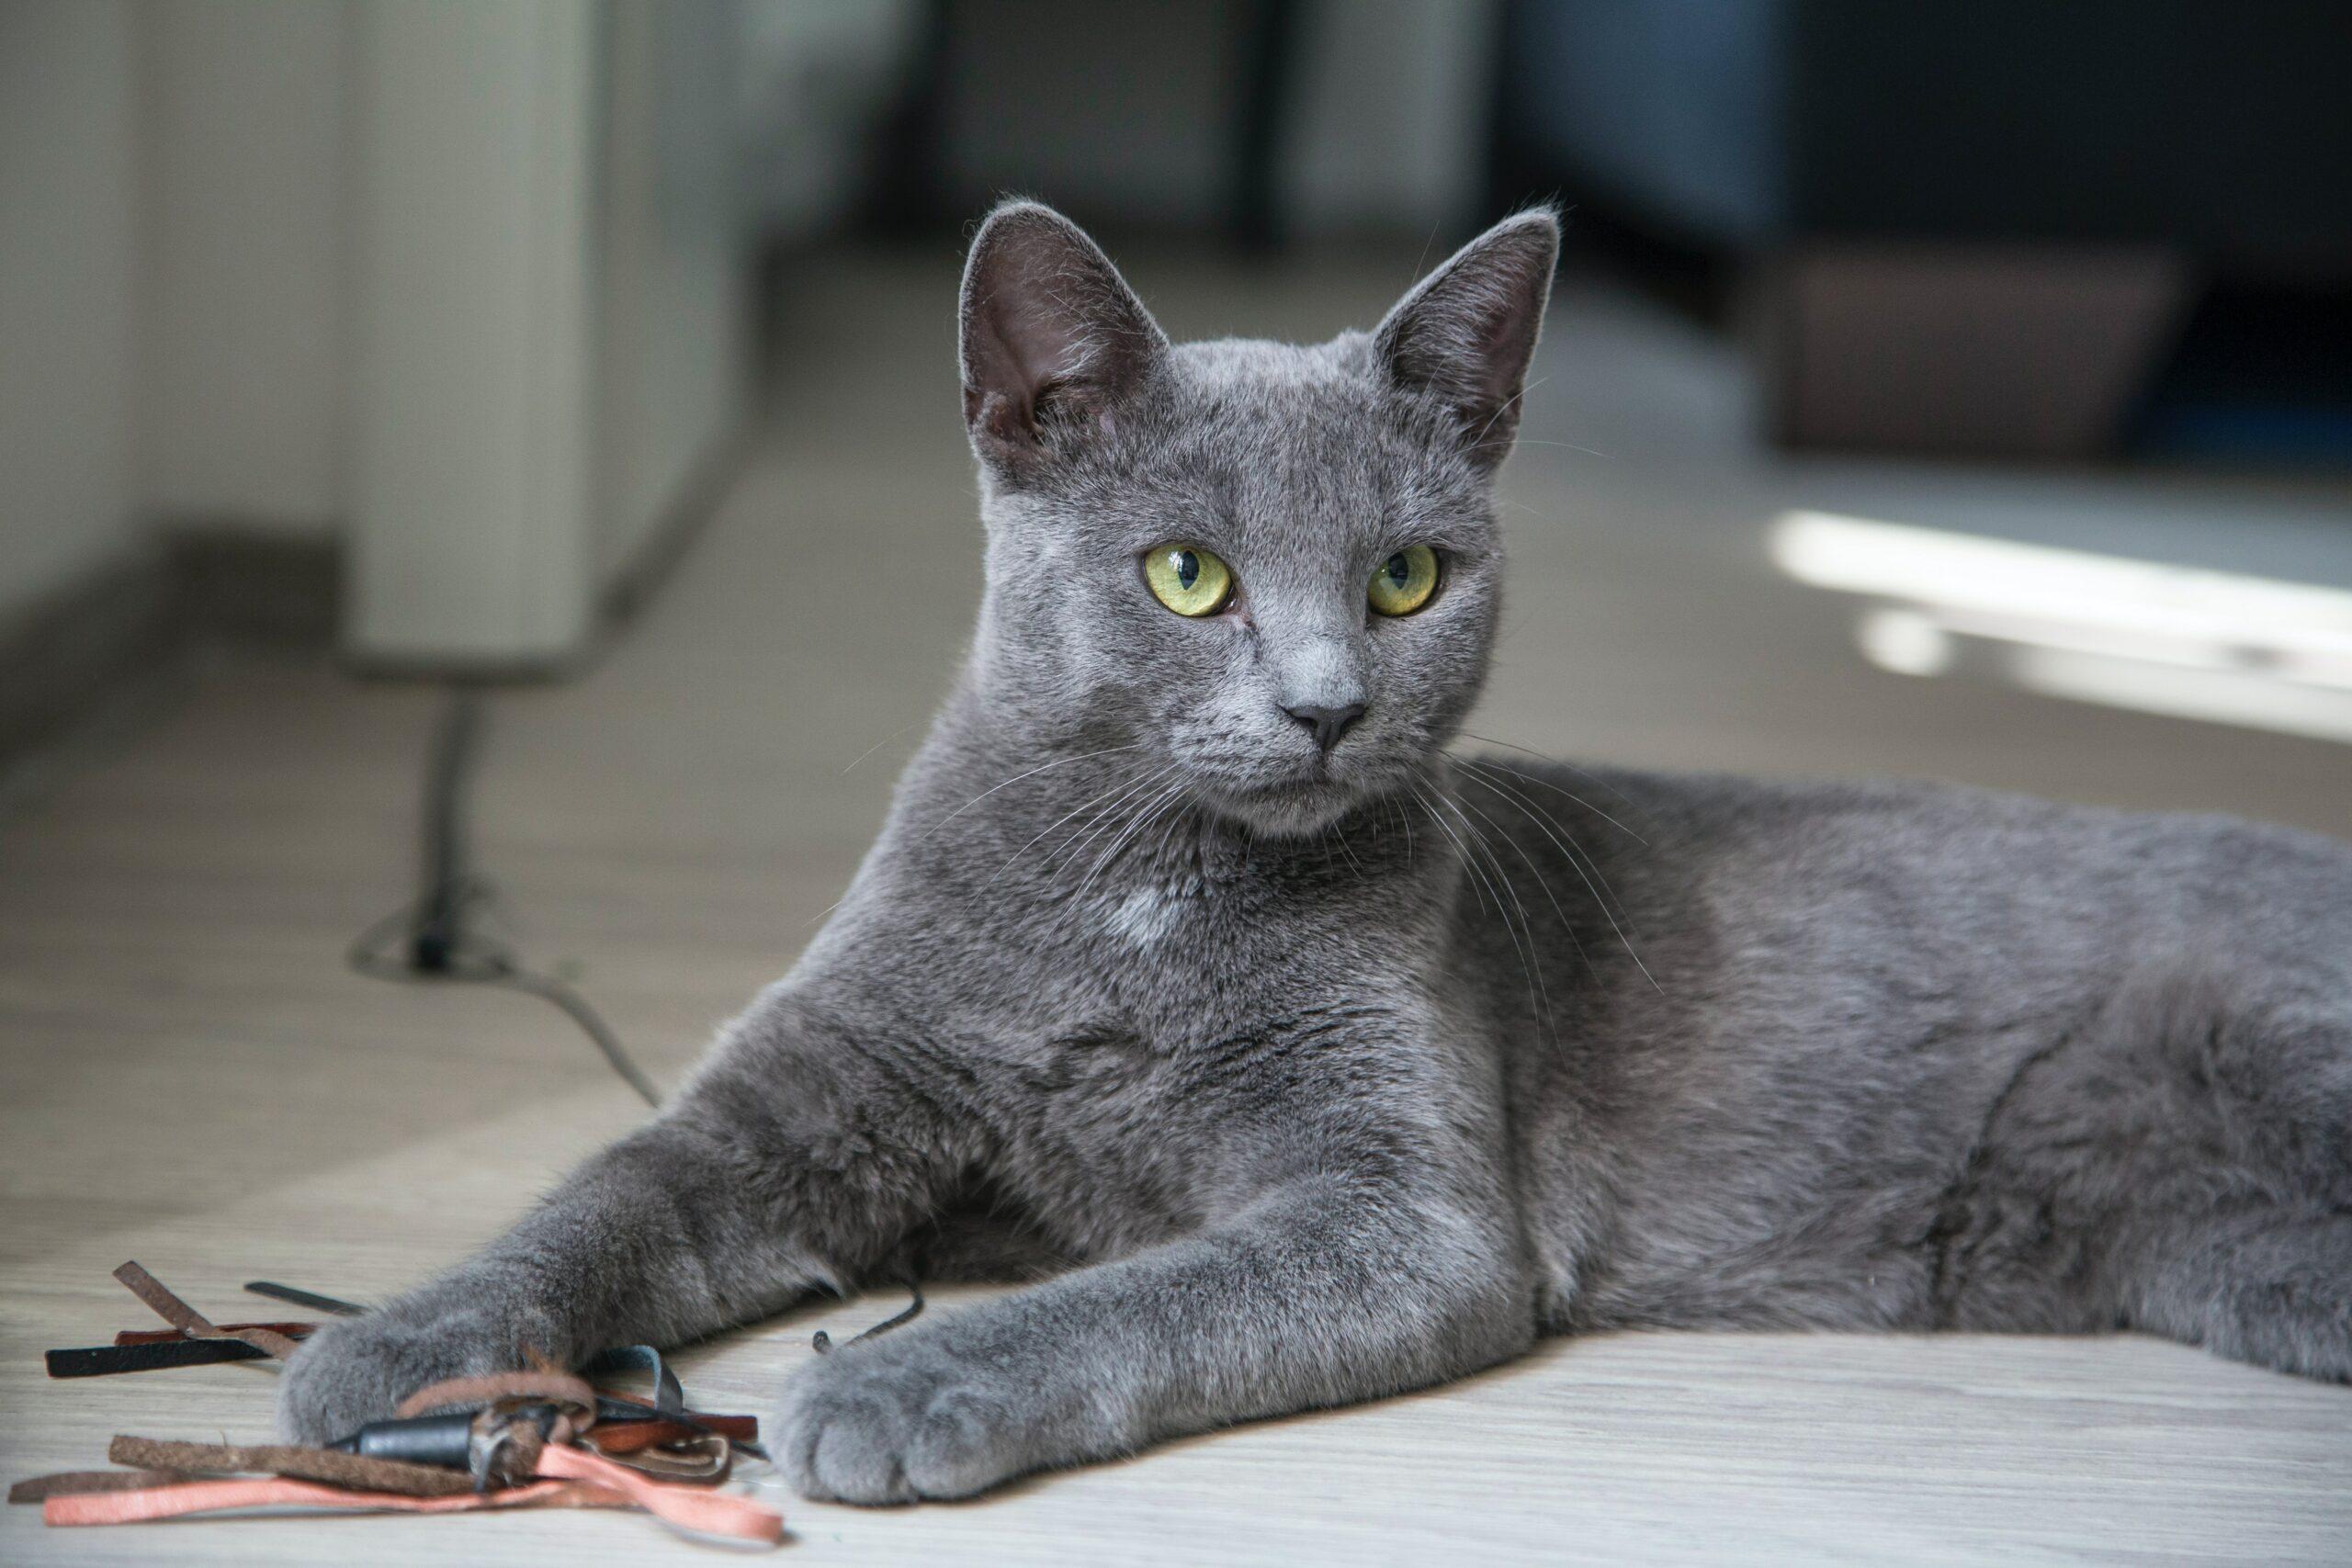 cat scratching carpet scaled